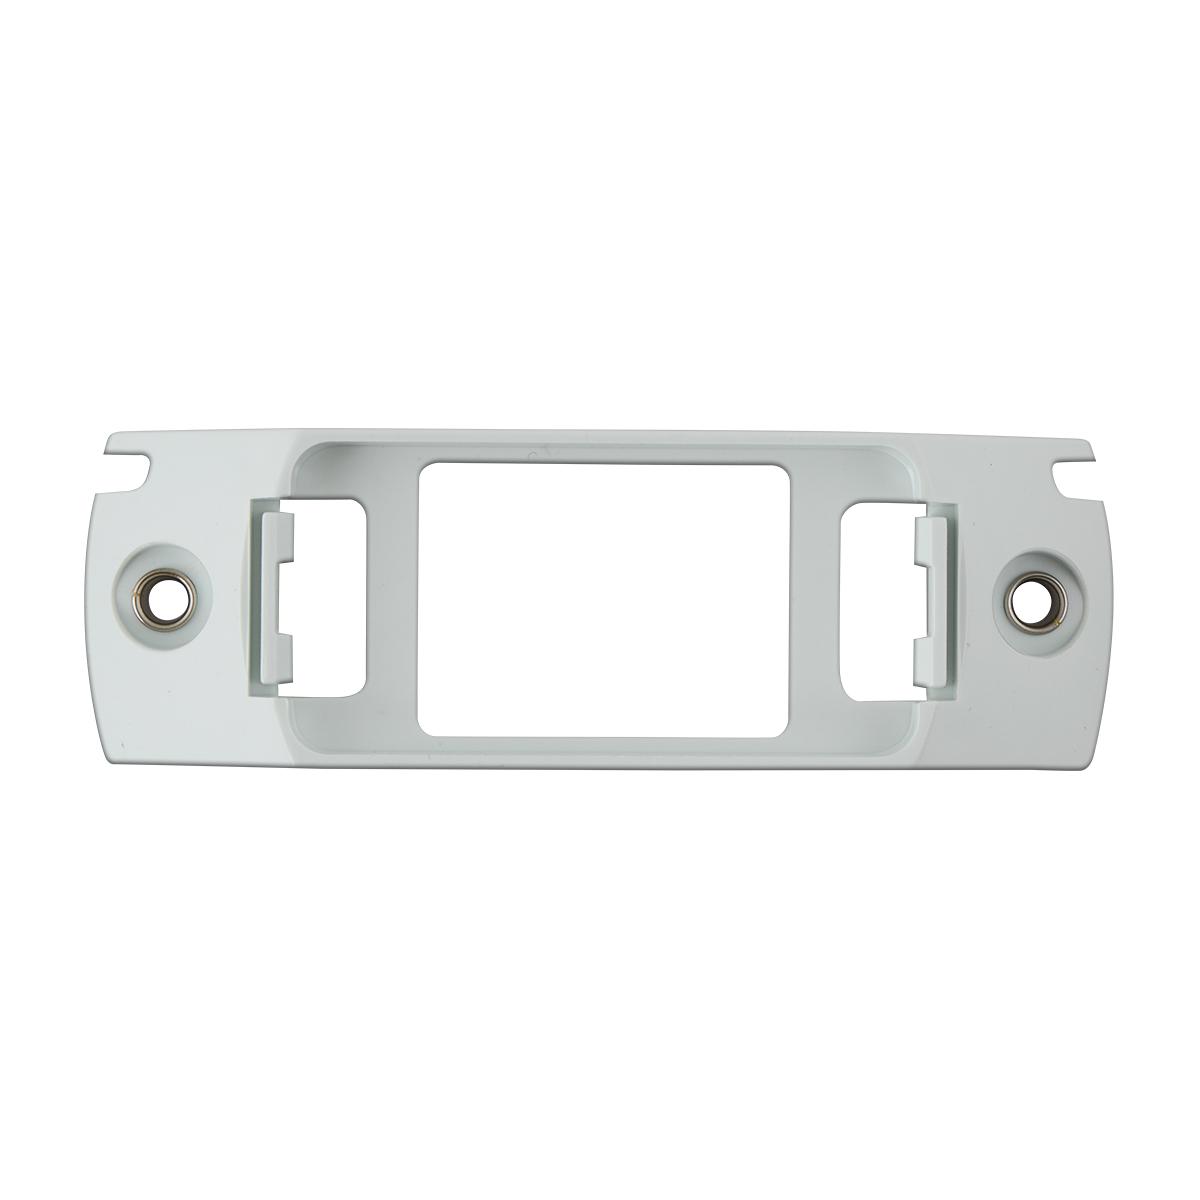 87679 Adapter Mount Rail Style Bracket for Small Rectangular Light